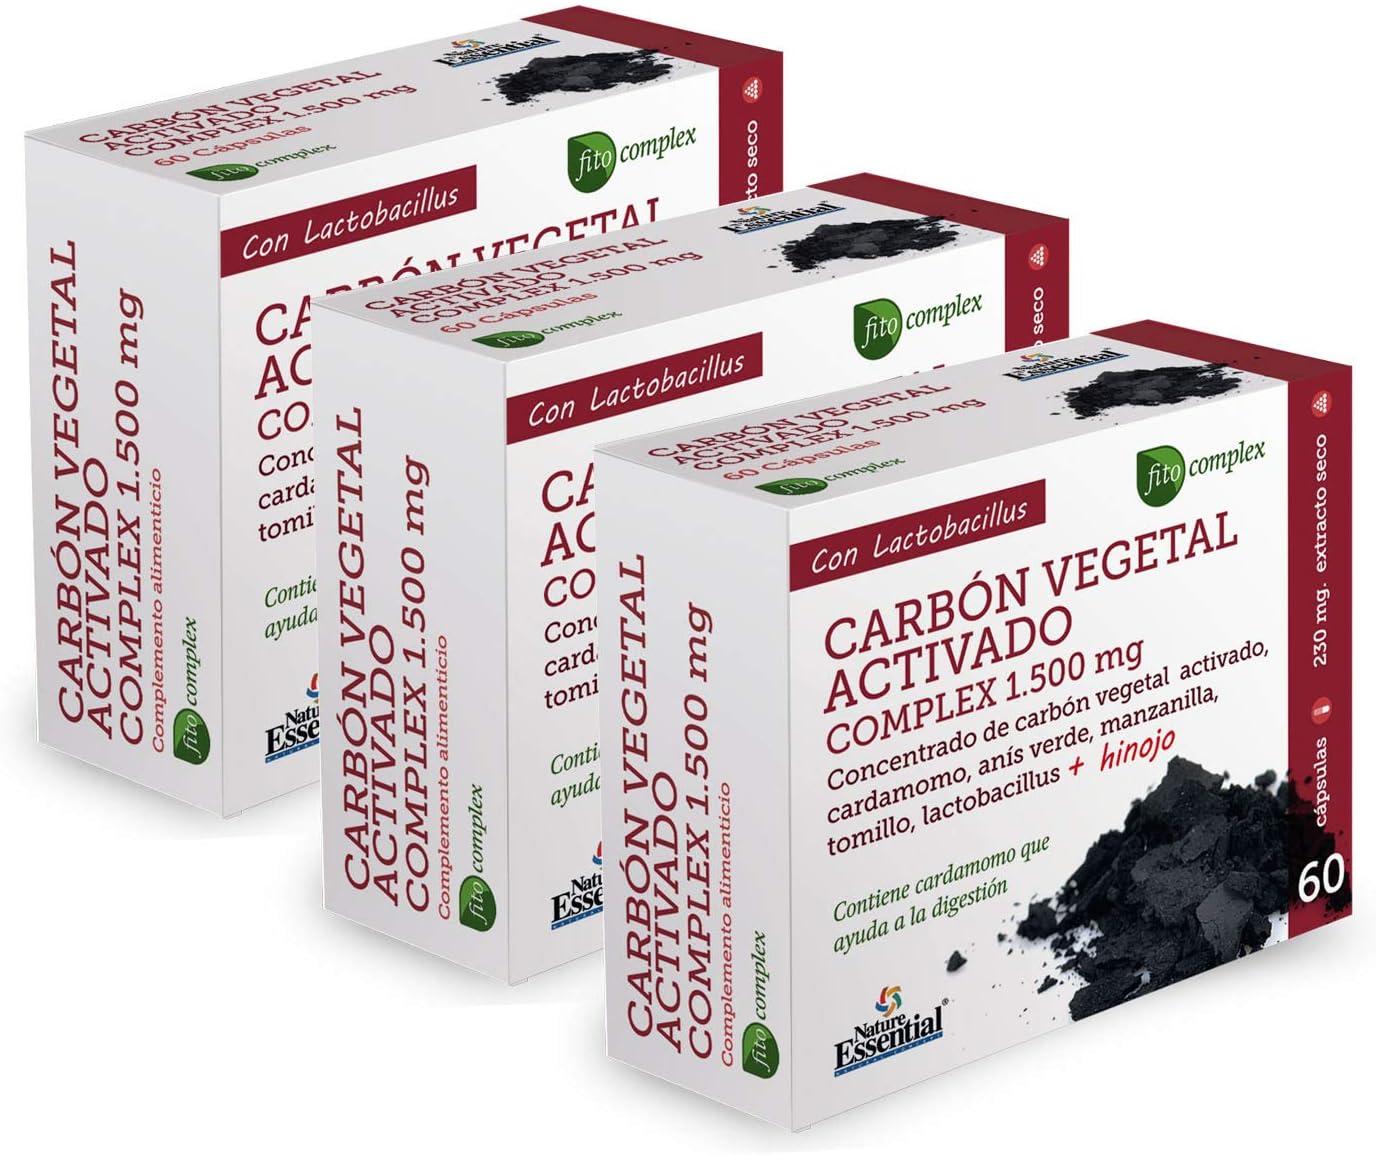 Carbón vegetal activado (complex) 1500 mg. (ext. seco) 60 cápsulas (Pack 3 unid.)